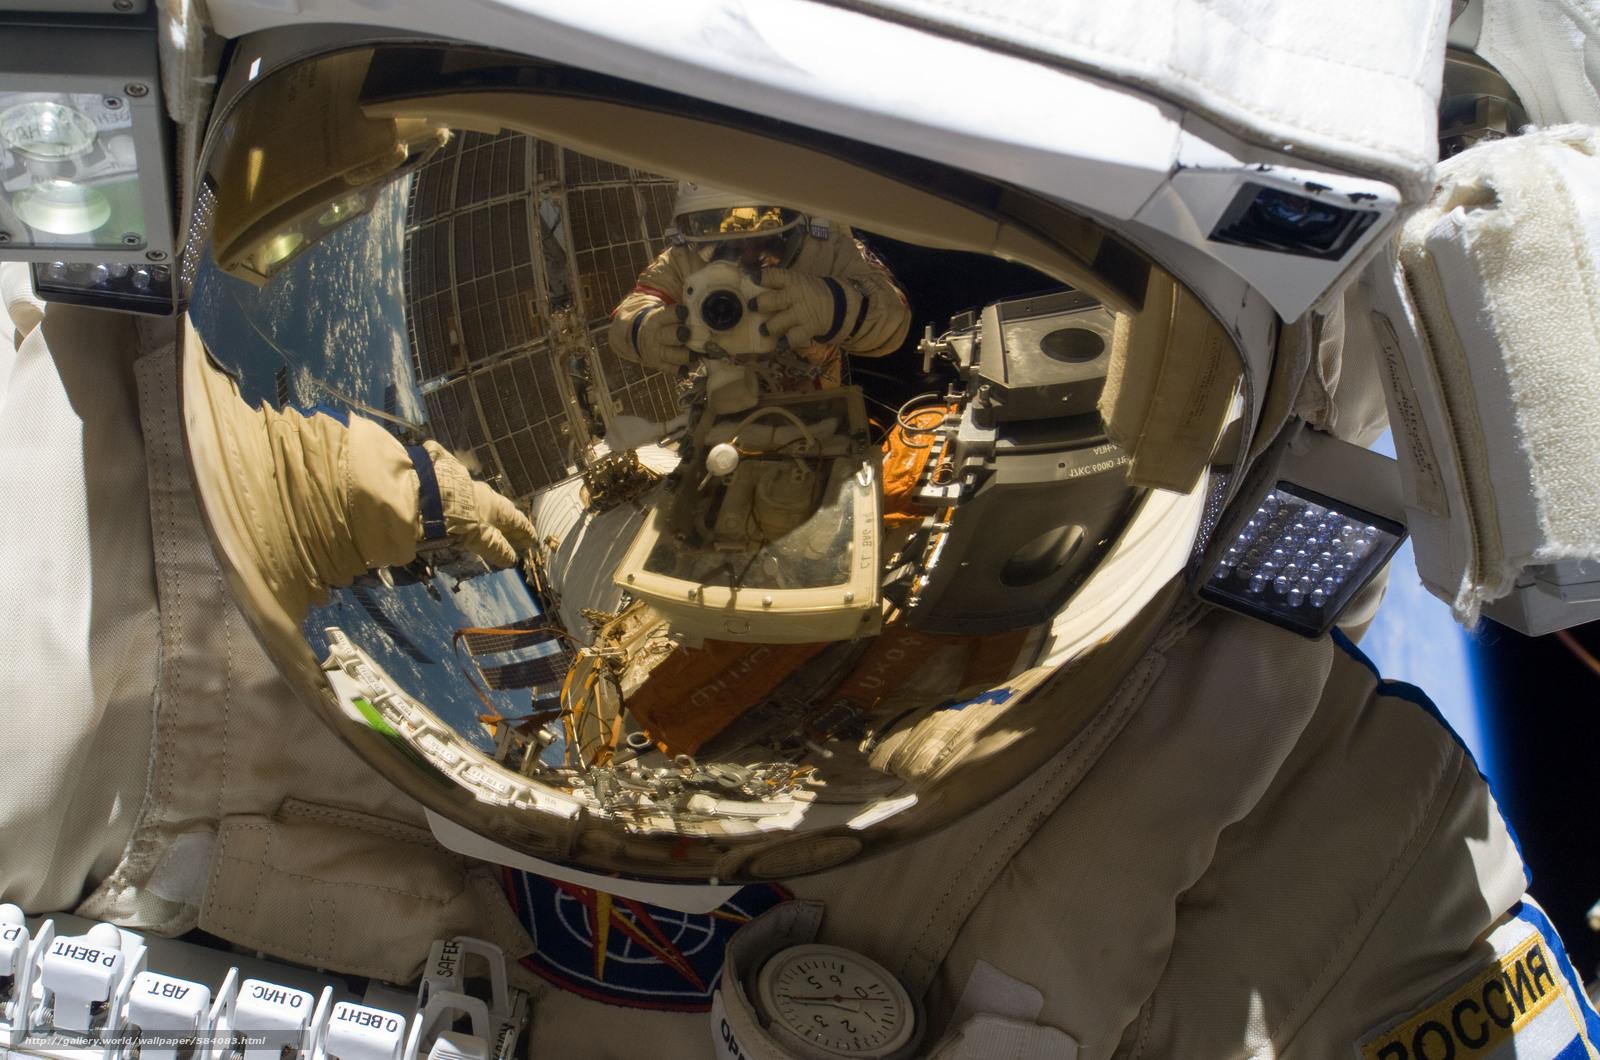 Космос, шлем, Российский космонавт, отражение, скафандр Орлан МК